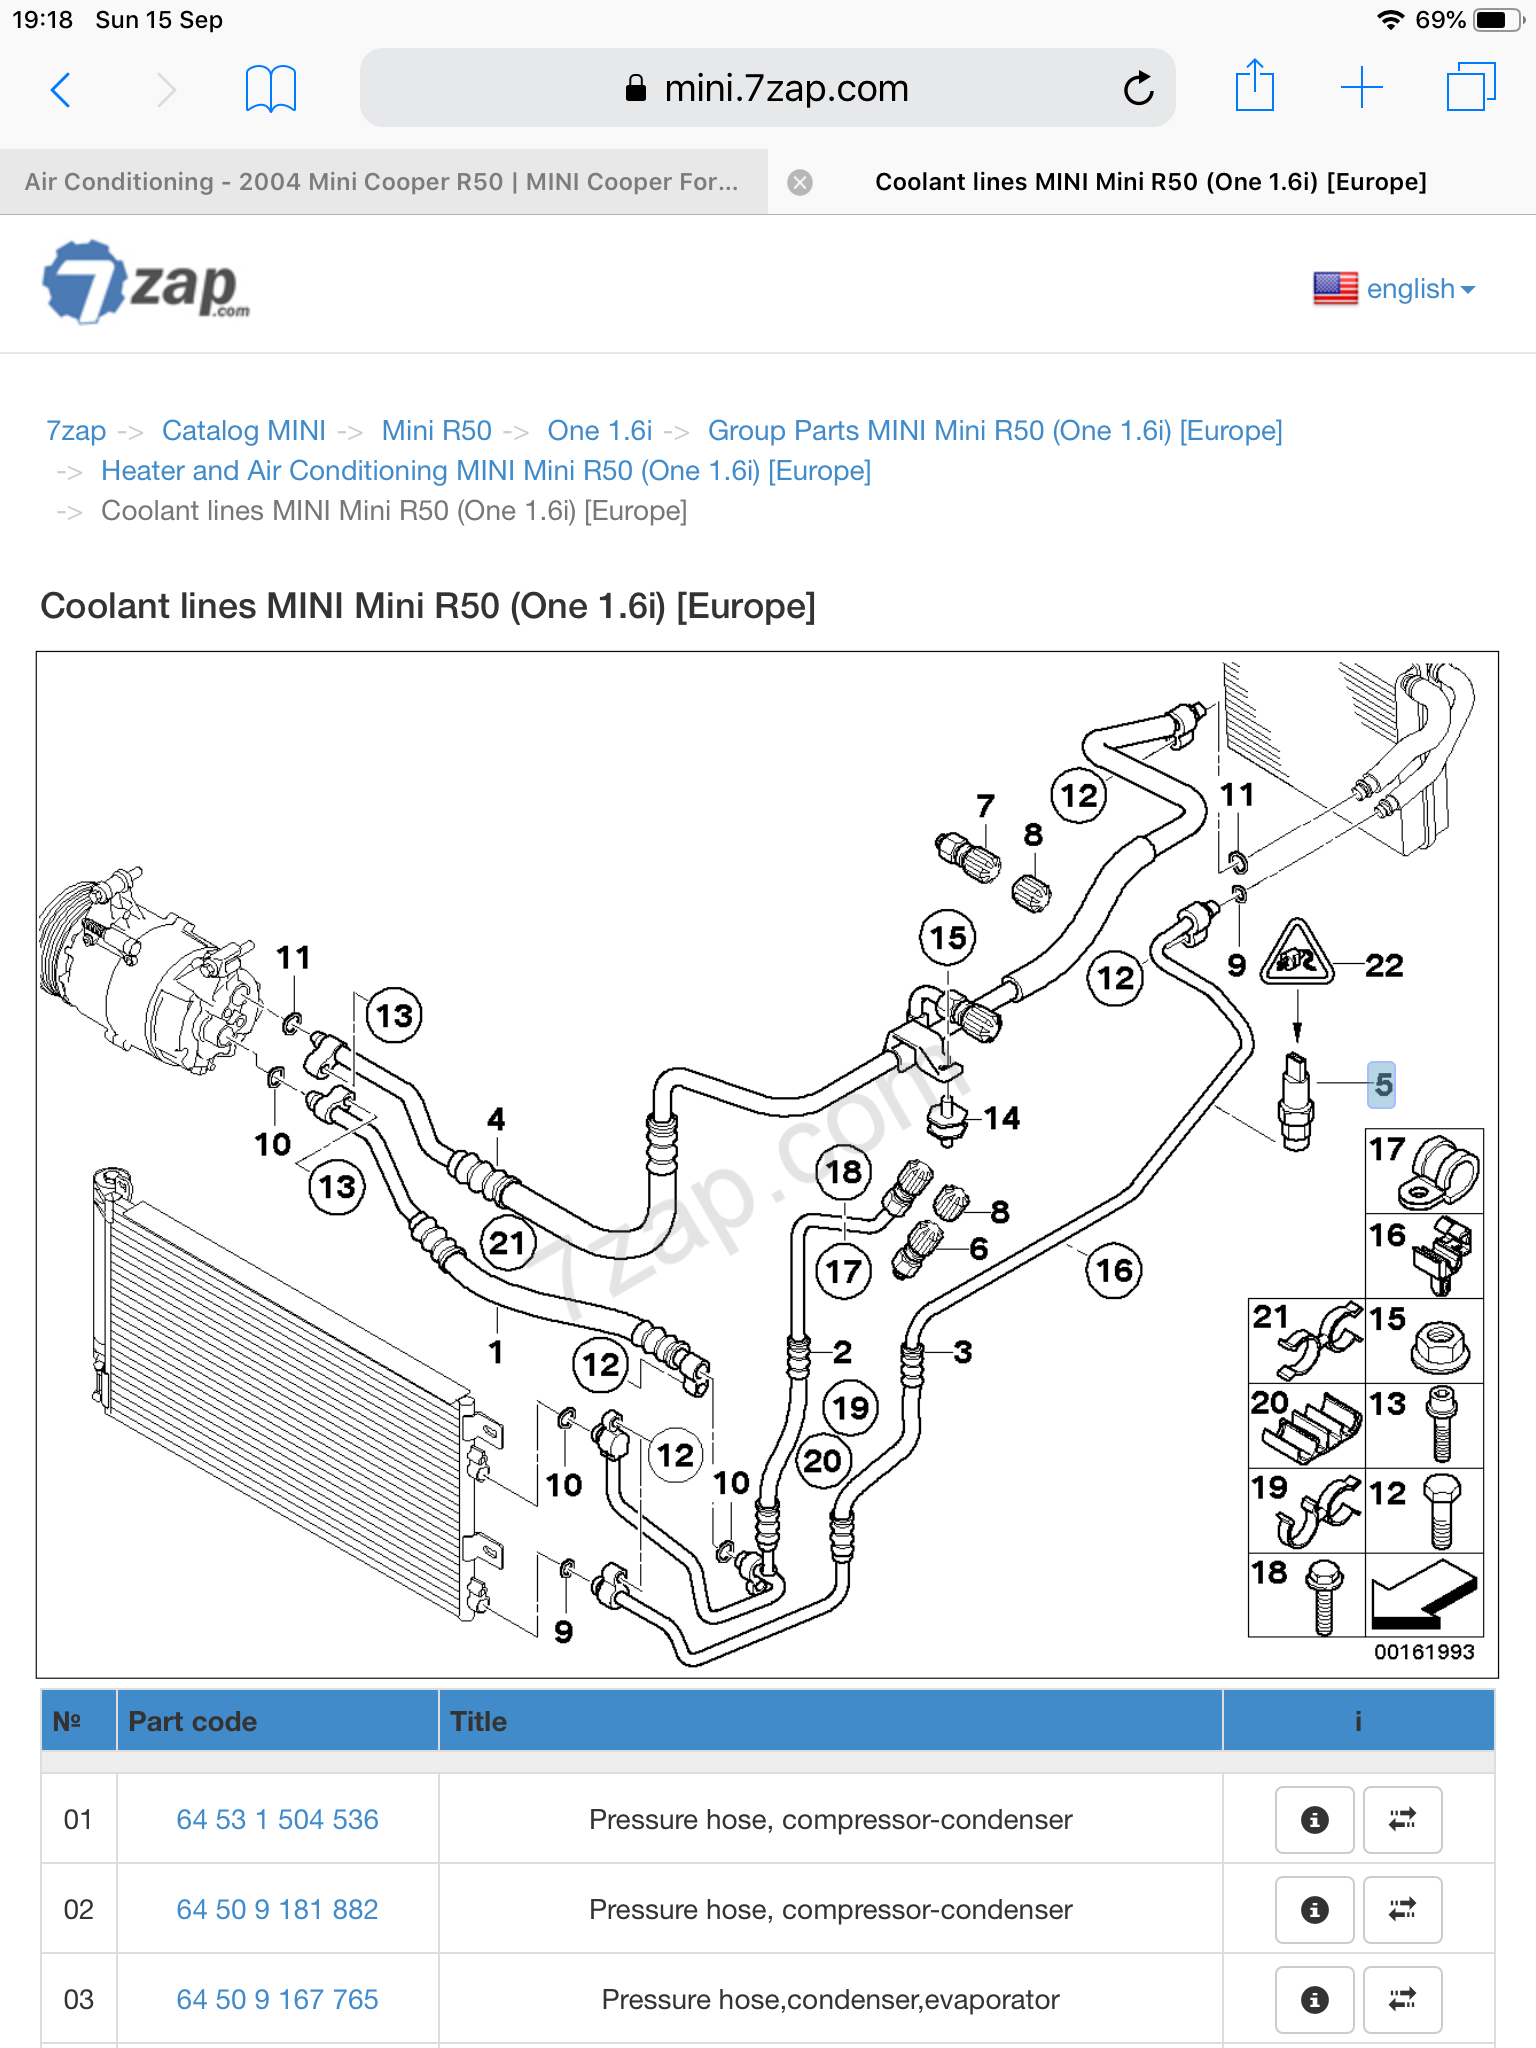 Air Conditioning - 2004 Mini Cooper R50 | MINI Cooper ForumMINI Cooper Forum